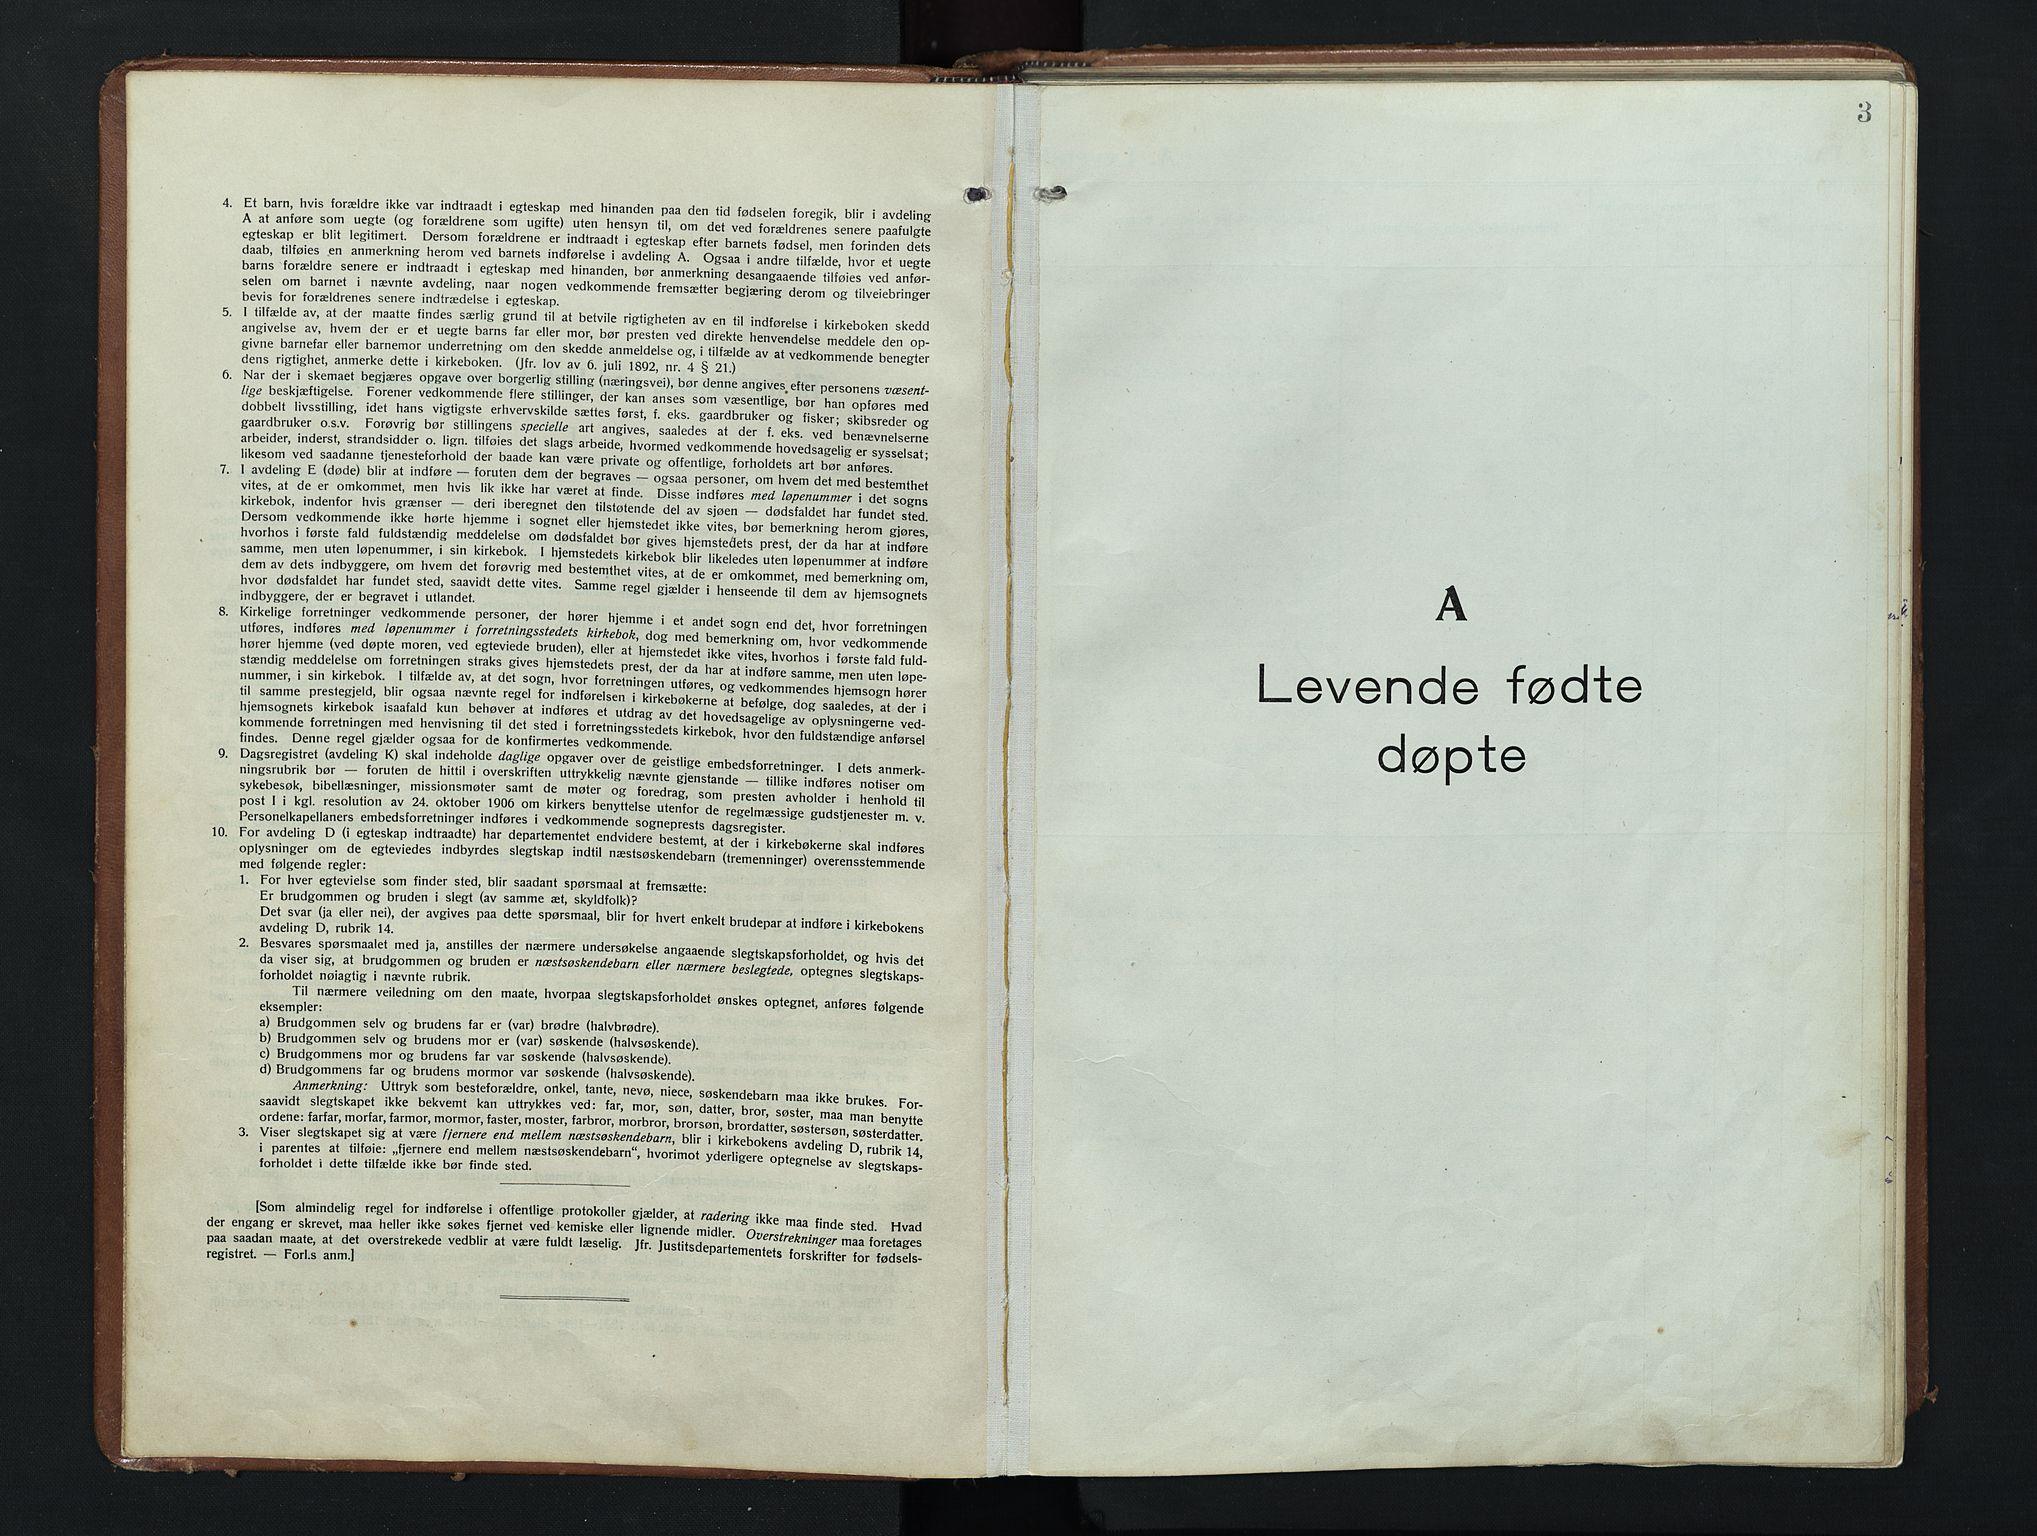 SAH, Nordre Land prestekontor, Klokkerbok nr. 9, 1921-1956, s. 3